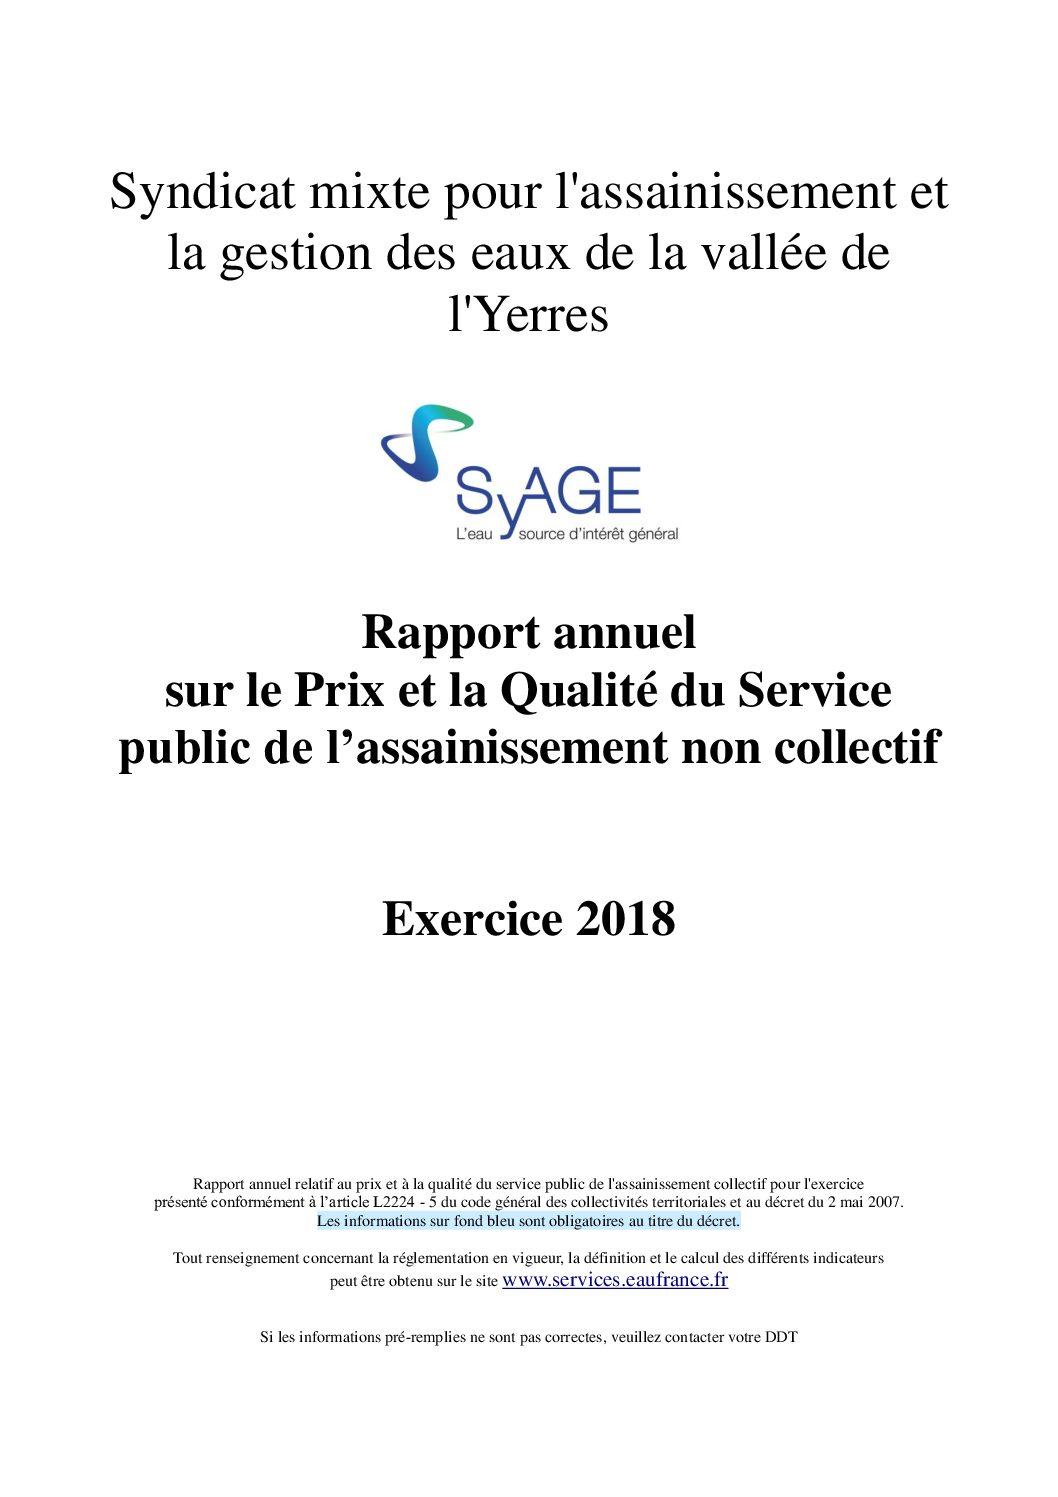 Prix et qualité du service public de l'assainissement non collectif en 2018